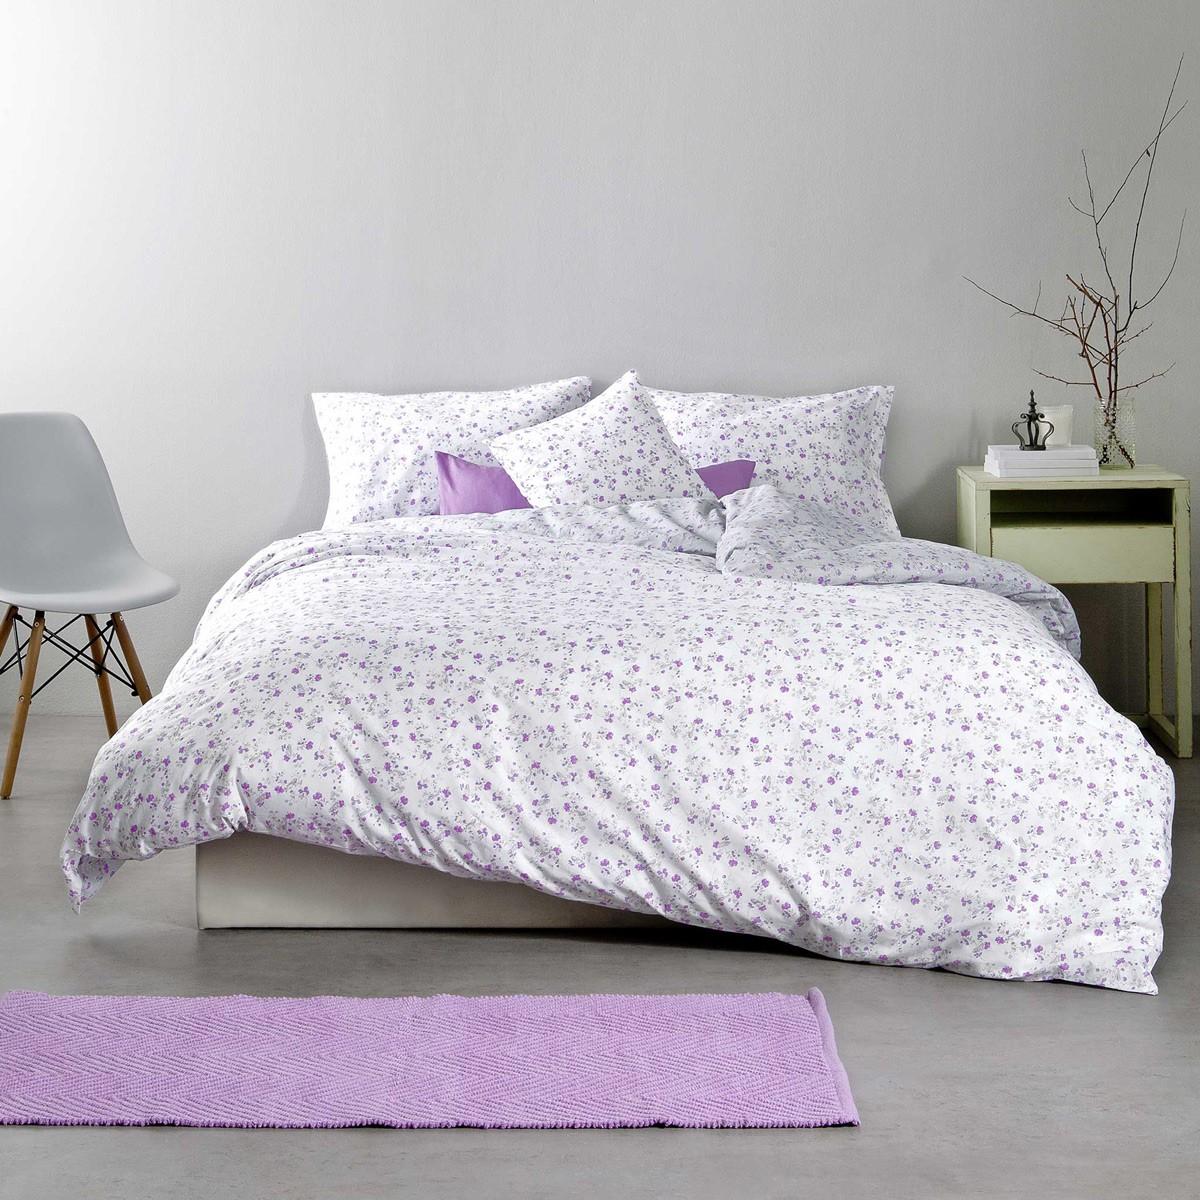 Σεντόνια Υπέρδιπλα (Σετ) Nima Bed Linen Secret Garden Lilac ΧΩΡΙΣ ΛΑΣΤΙΧΟ ΧΩΡΙΣ ΛΑΣΤΙΧΟ